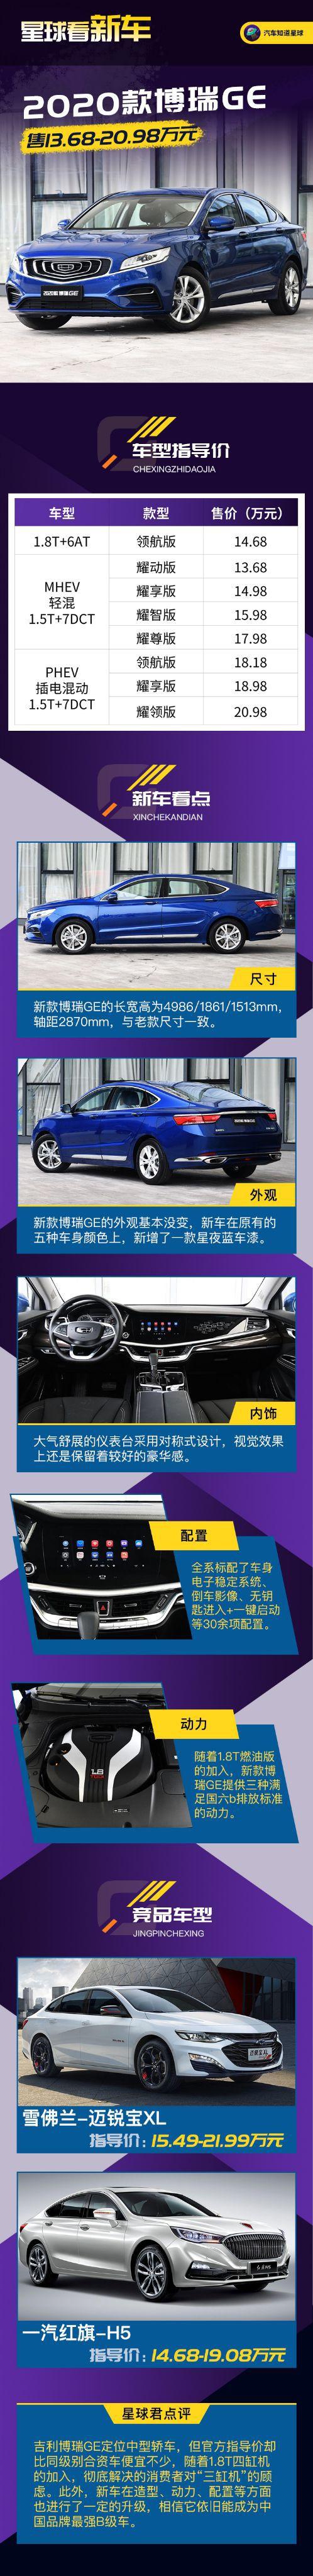 一图看新车,2020款吉利博瑞GE正式上市,售13.68万起!